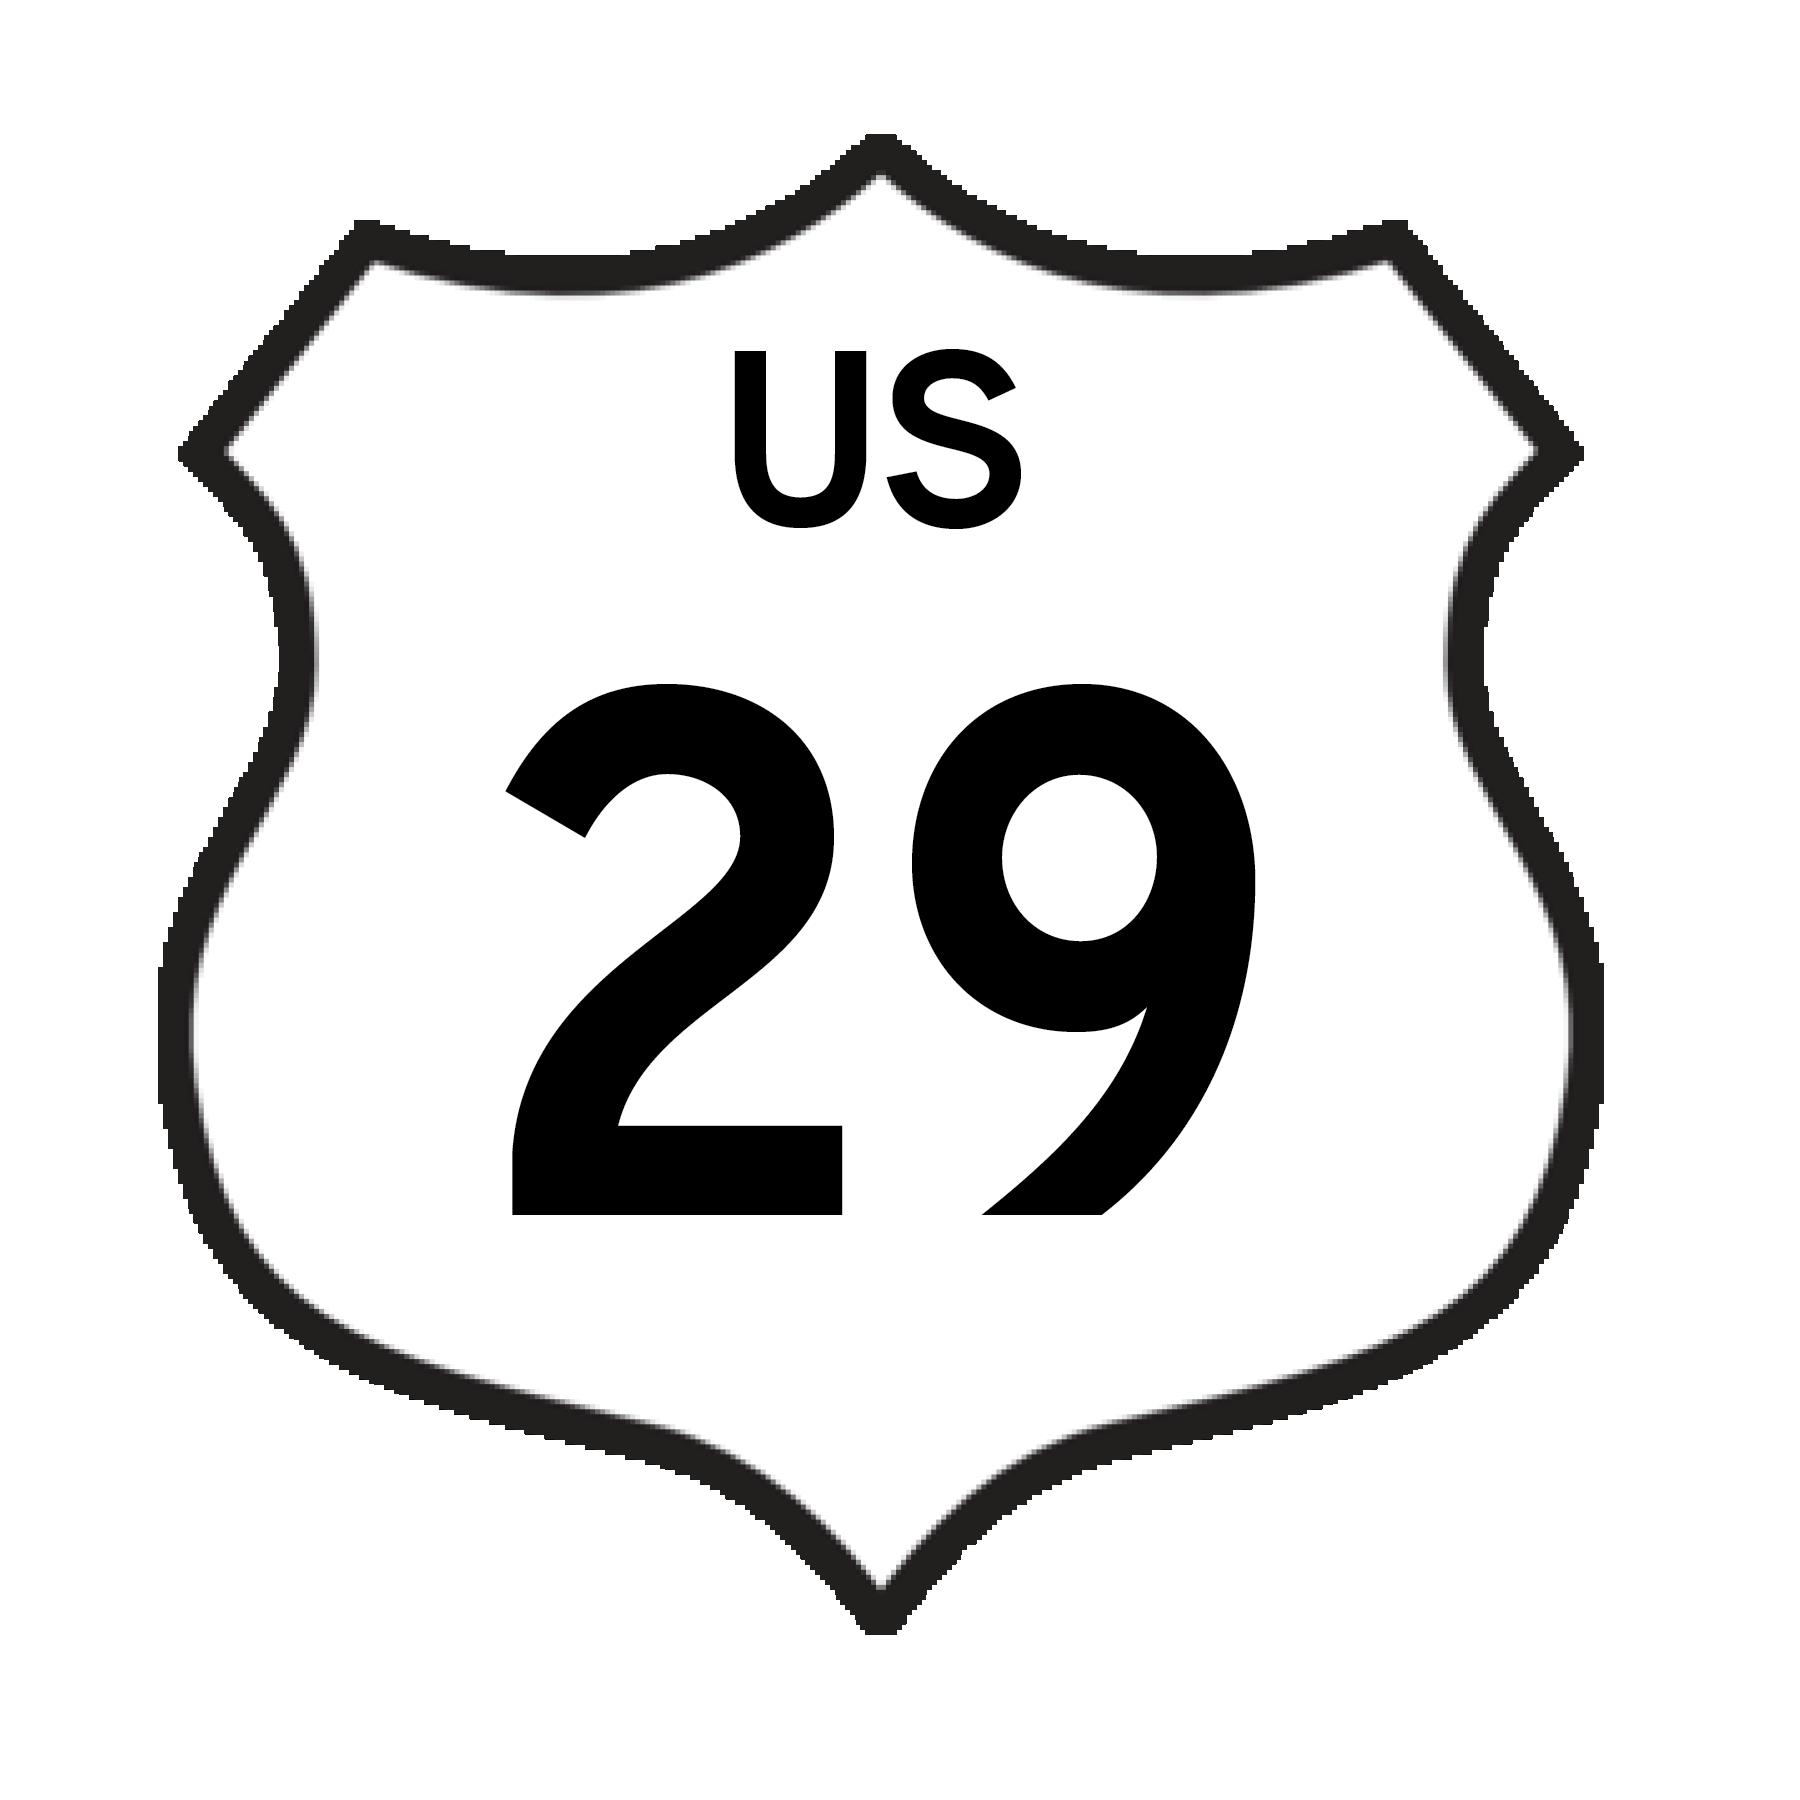 US Hwy 29